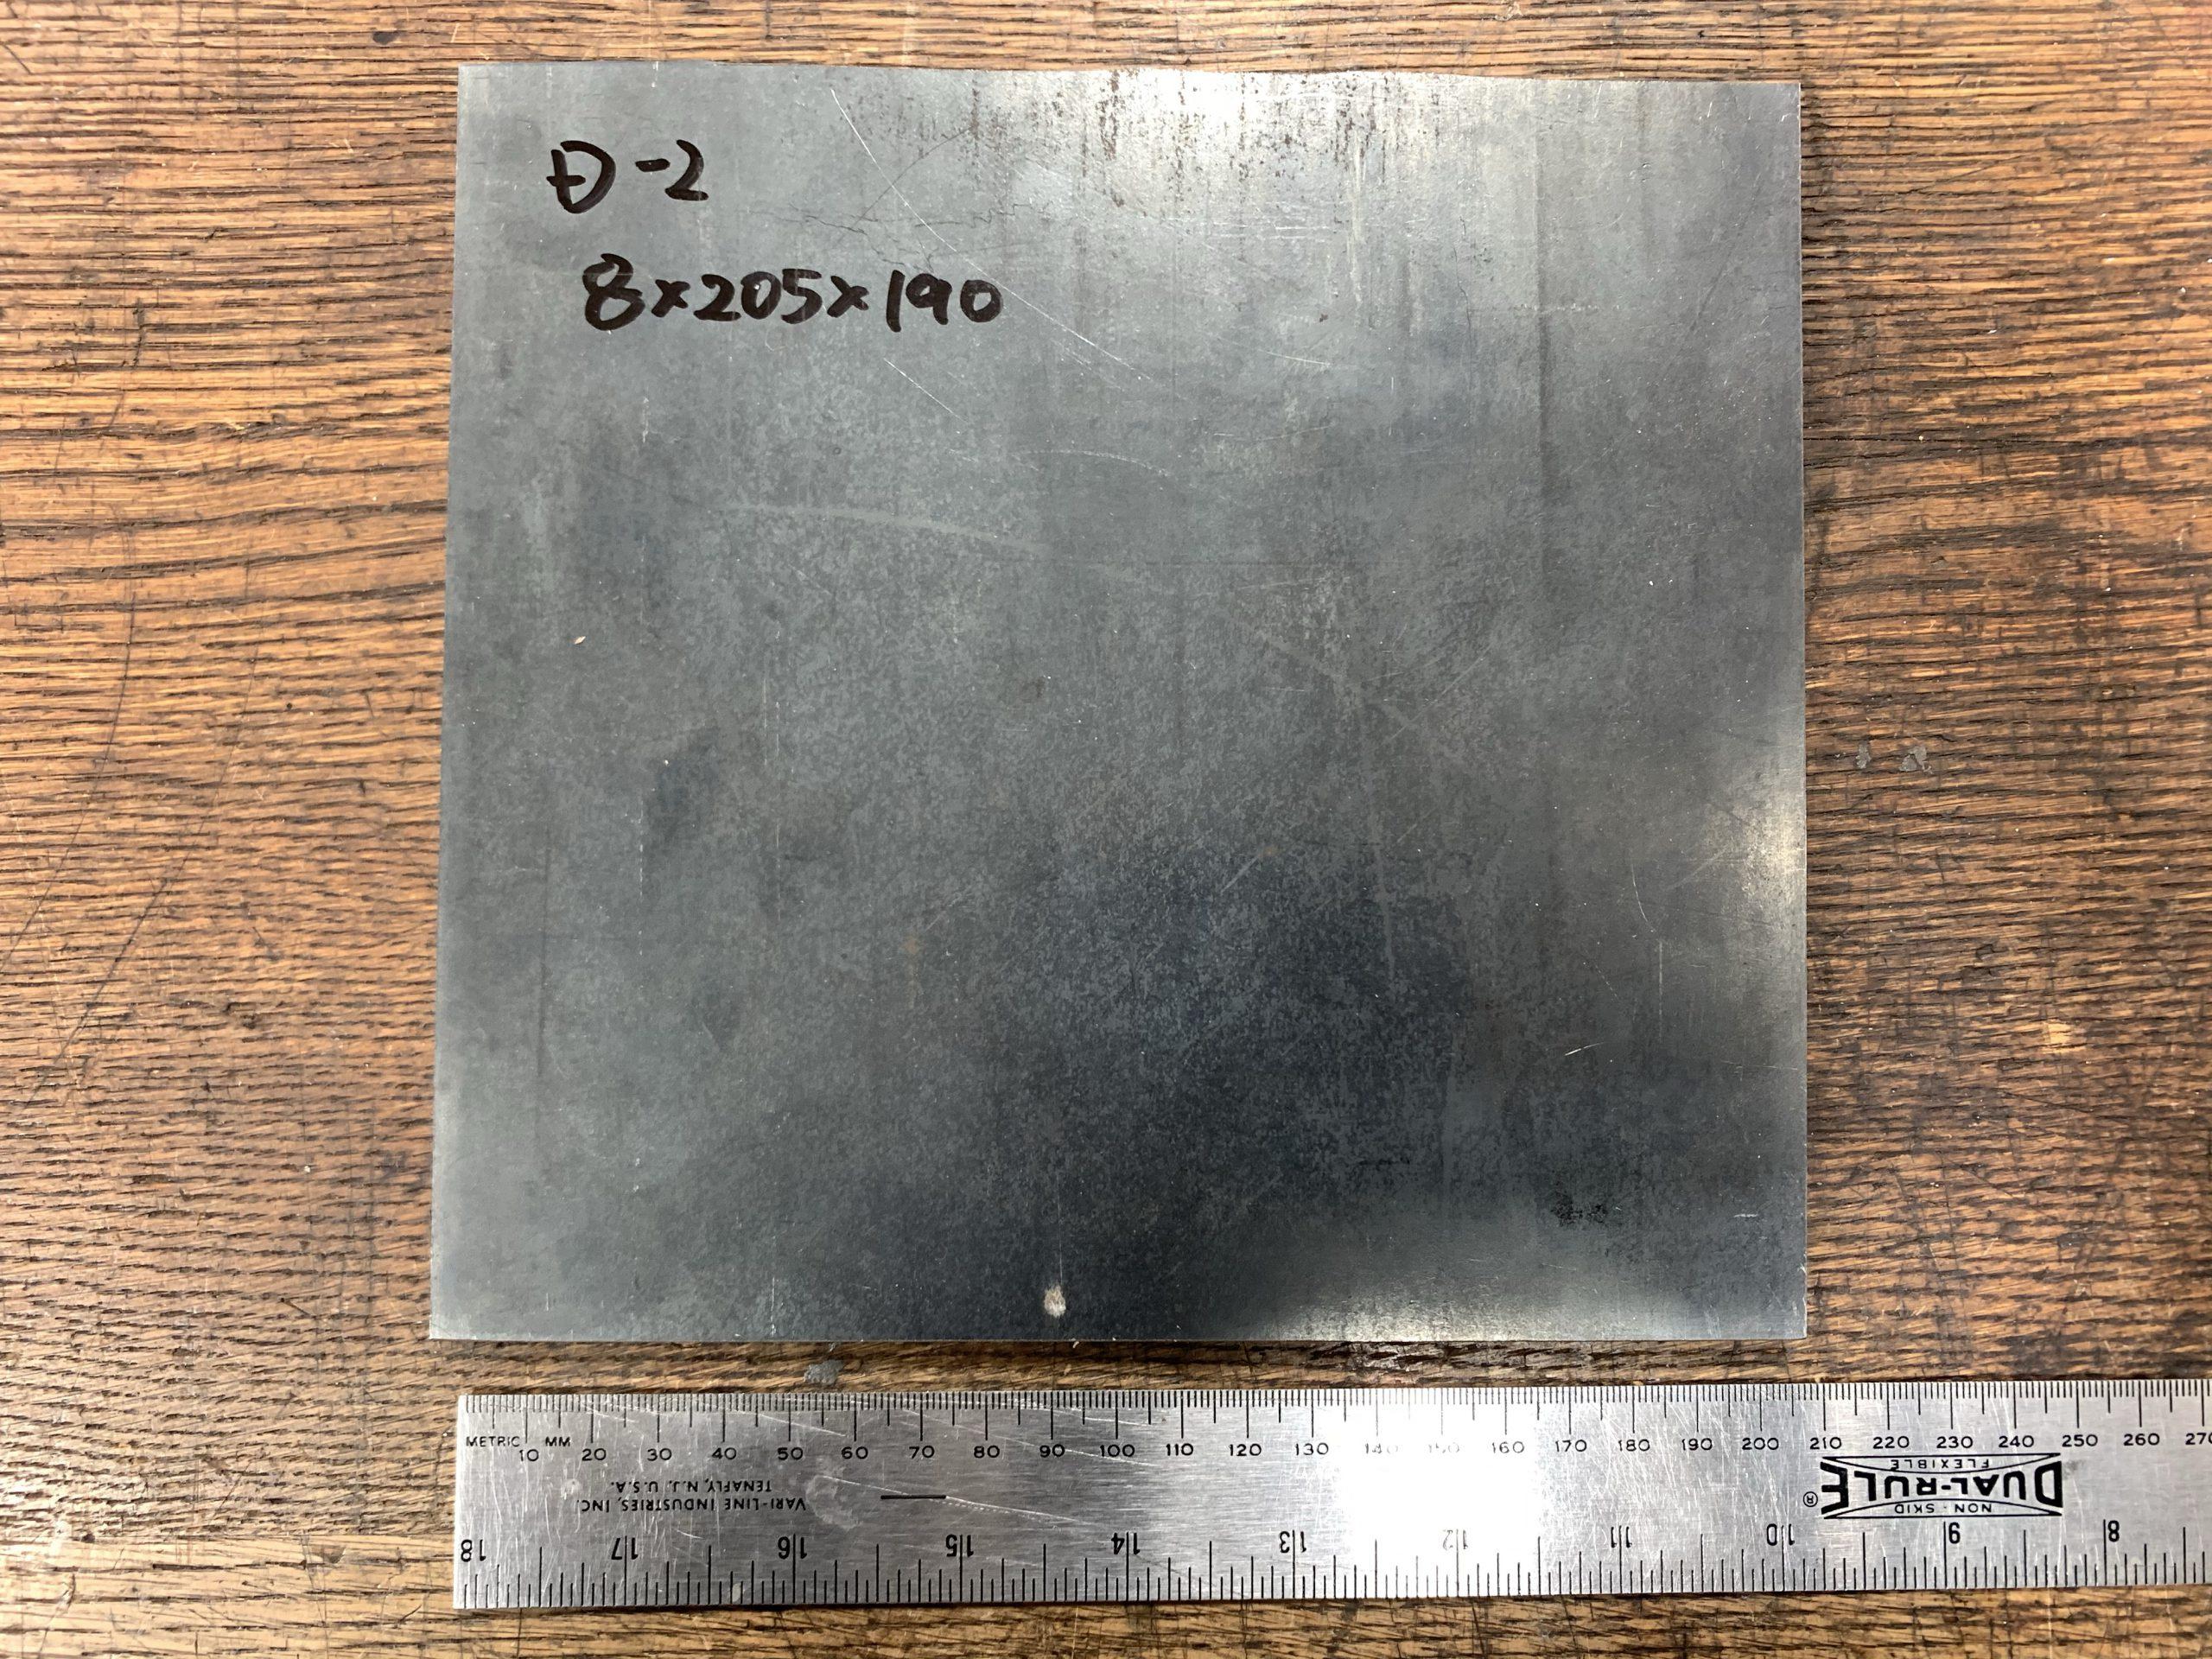 D-2_outlet_2020-12-19-d2-8x205x190